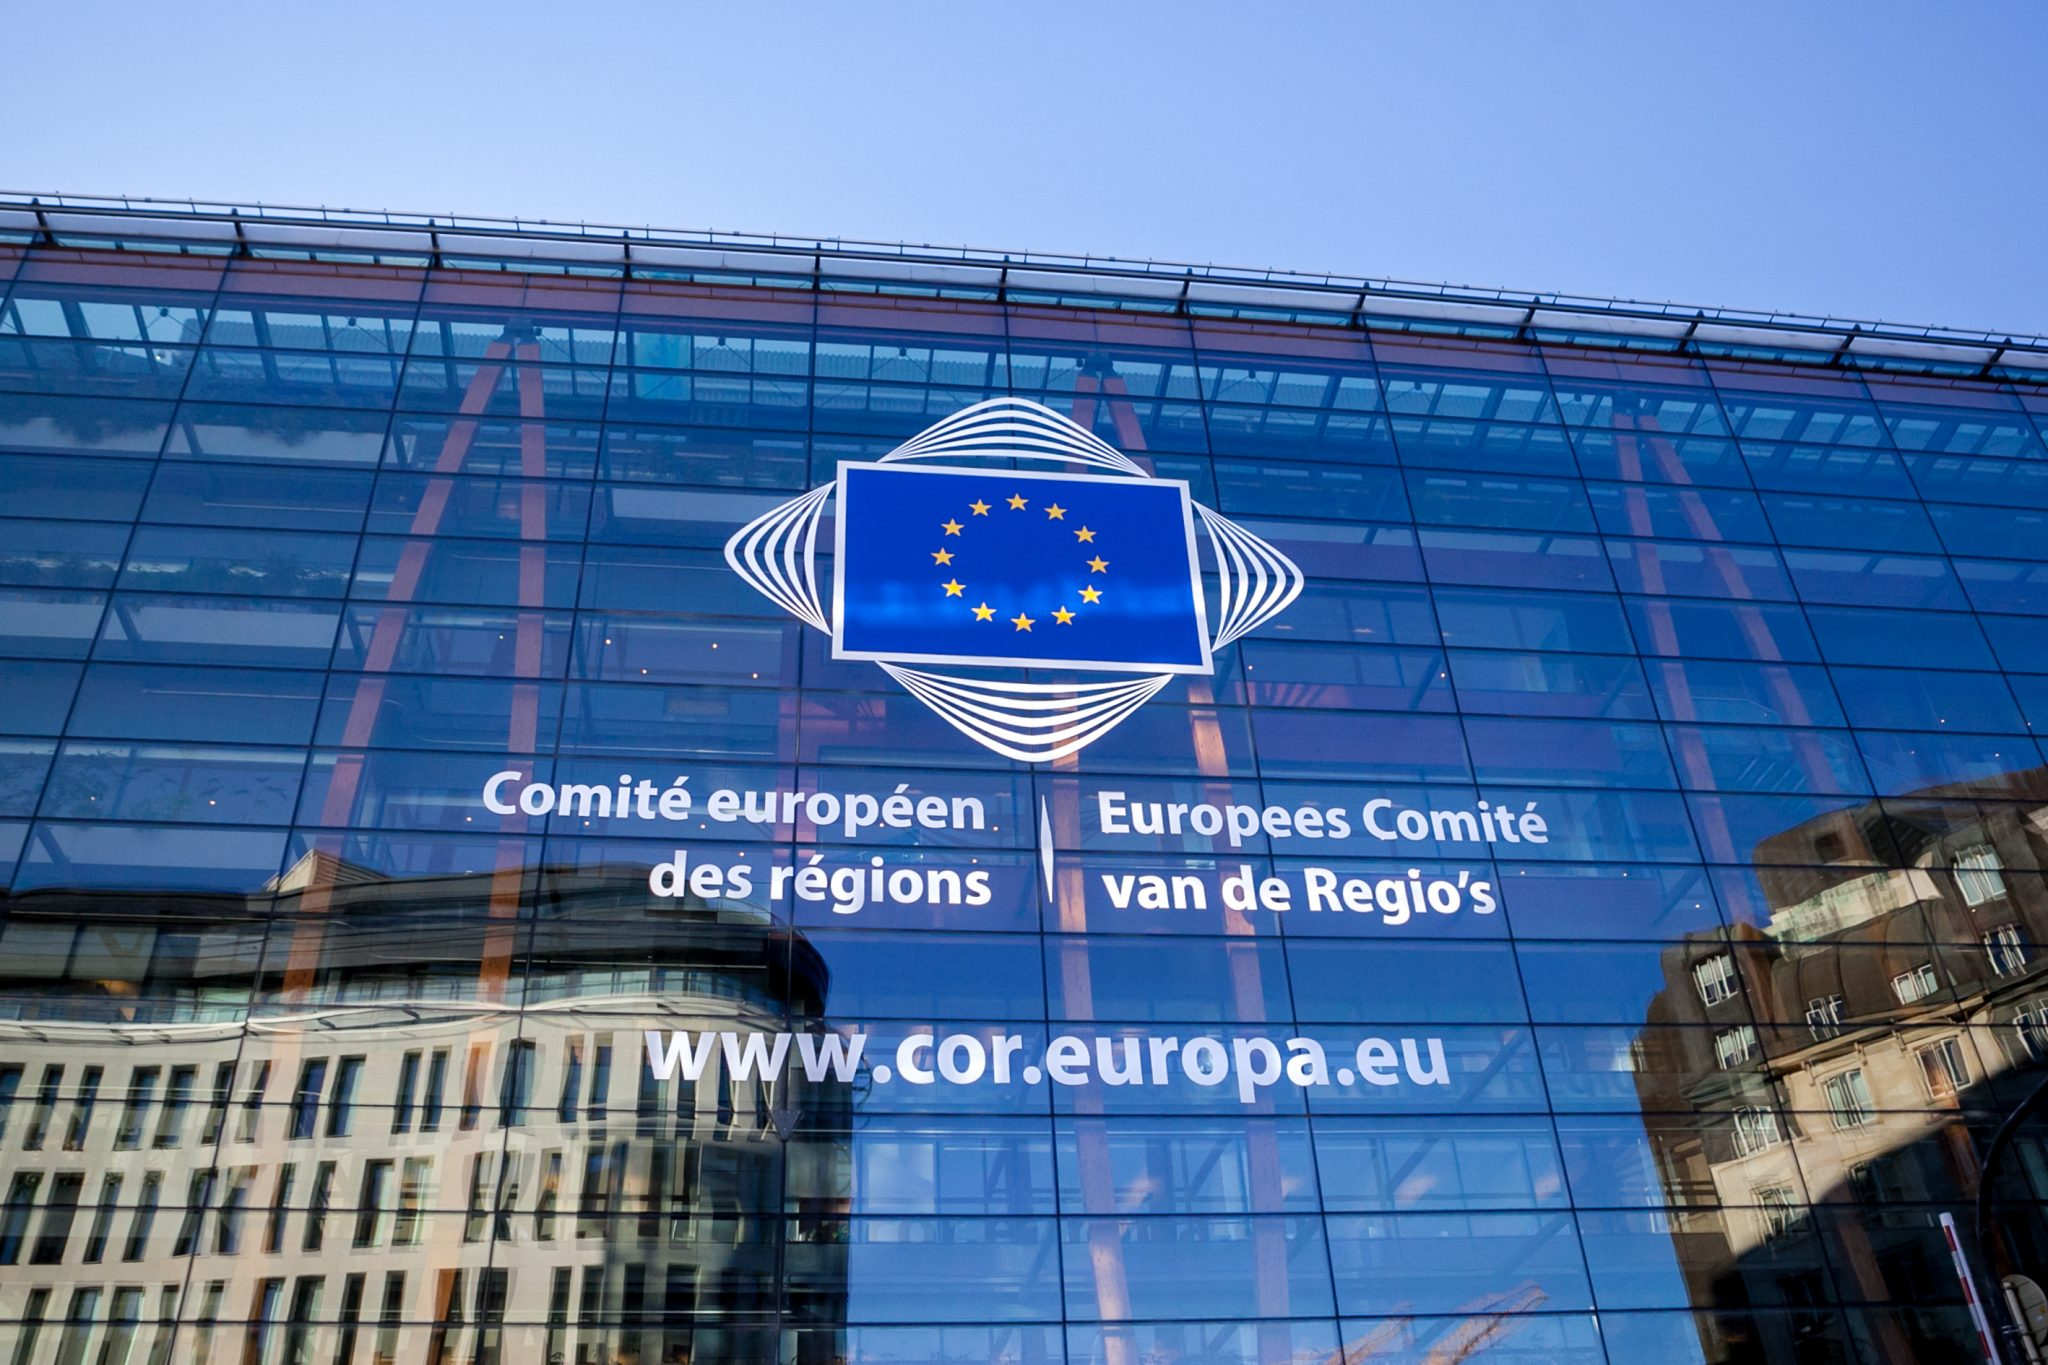 Logo vom Europäischen Ausschuss der Regionen